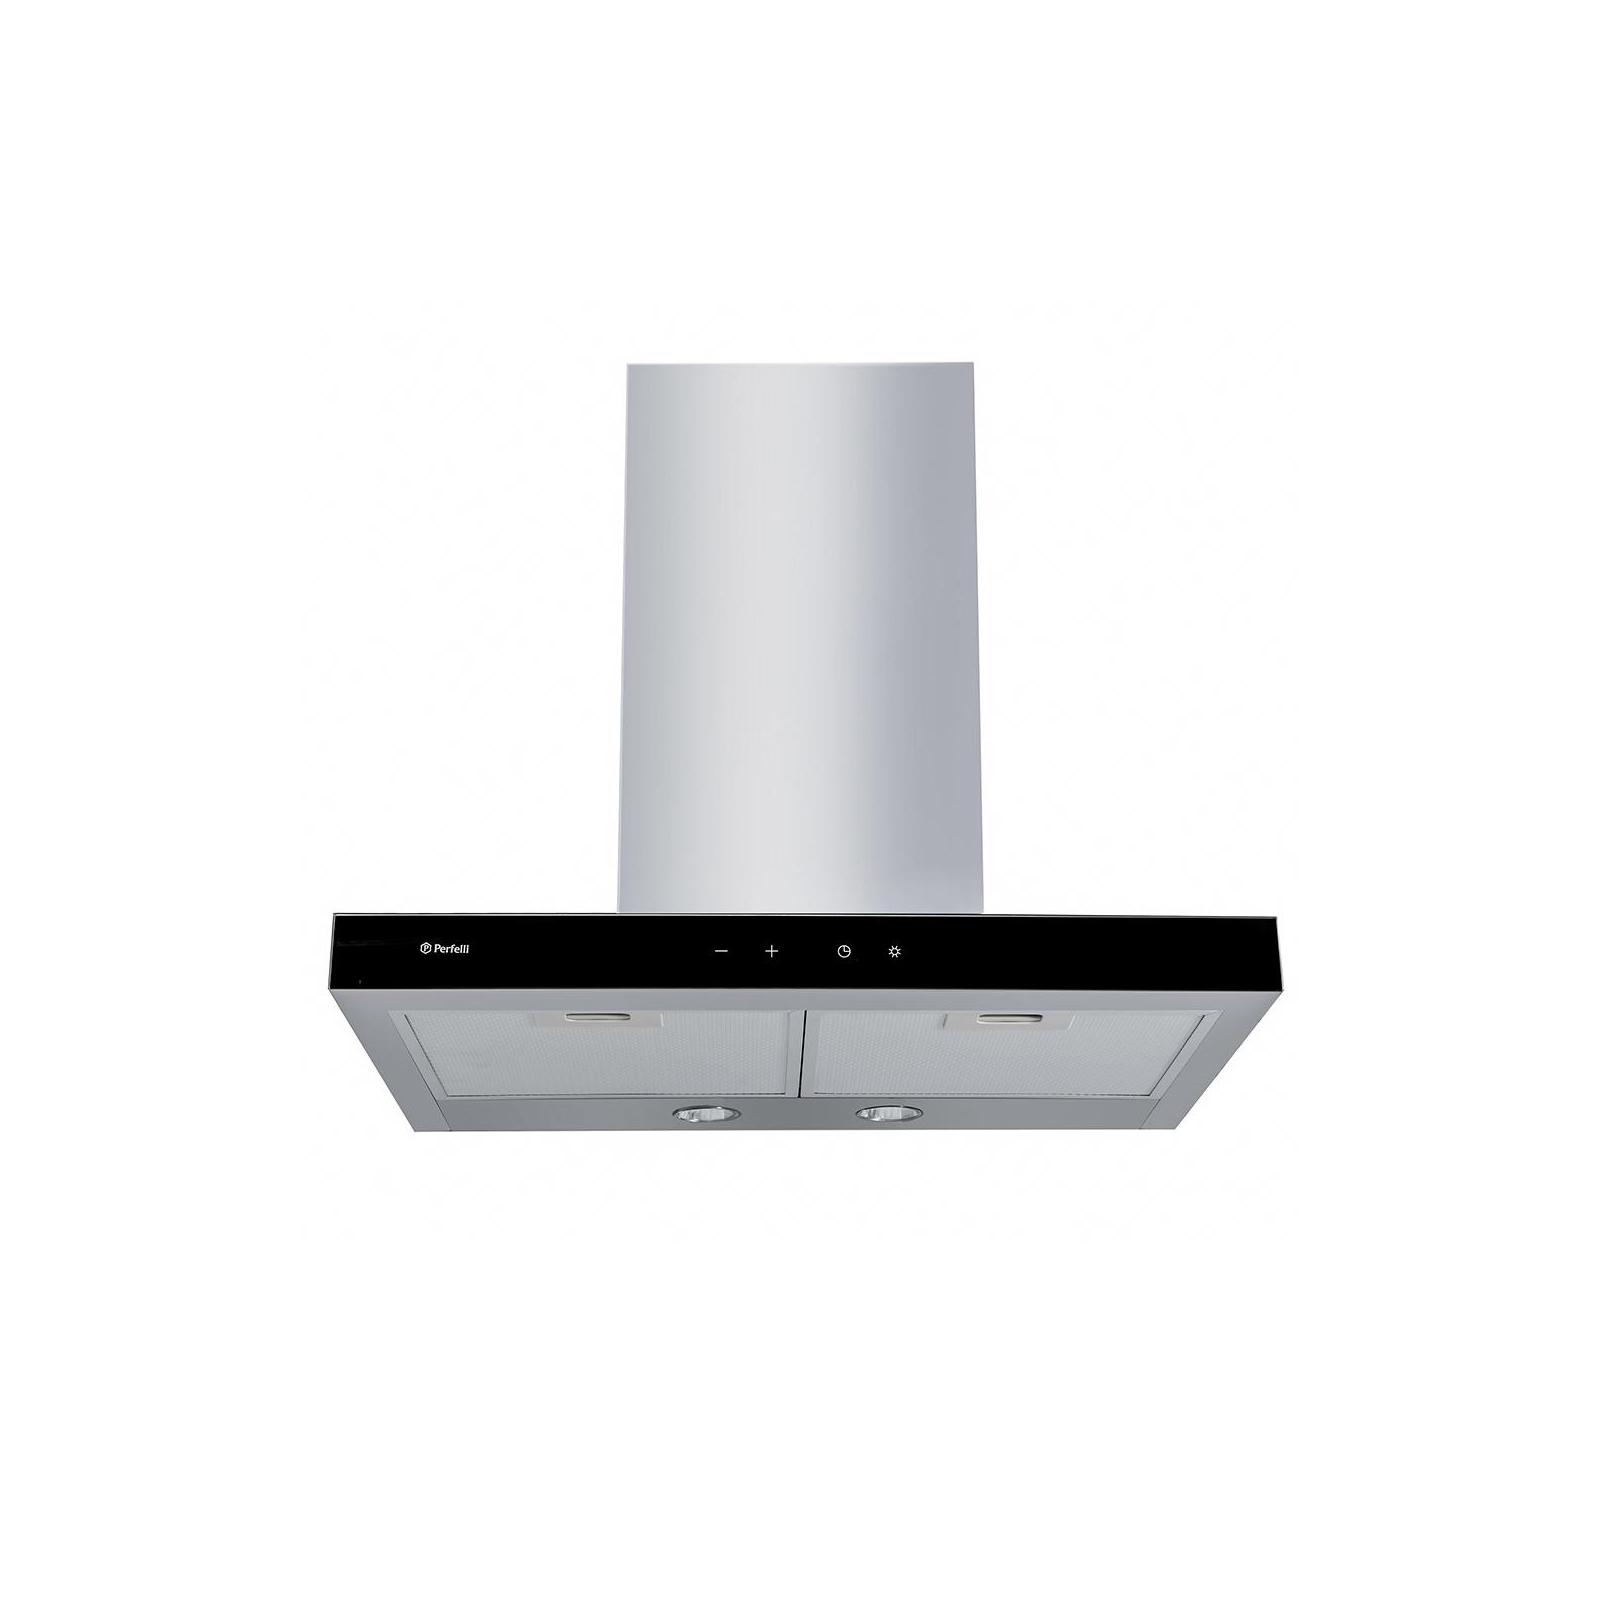 Вытяжка кухонная PERFELLI TS 6101 BL